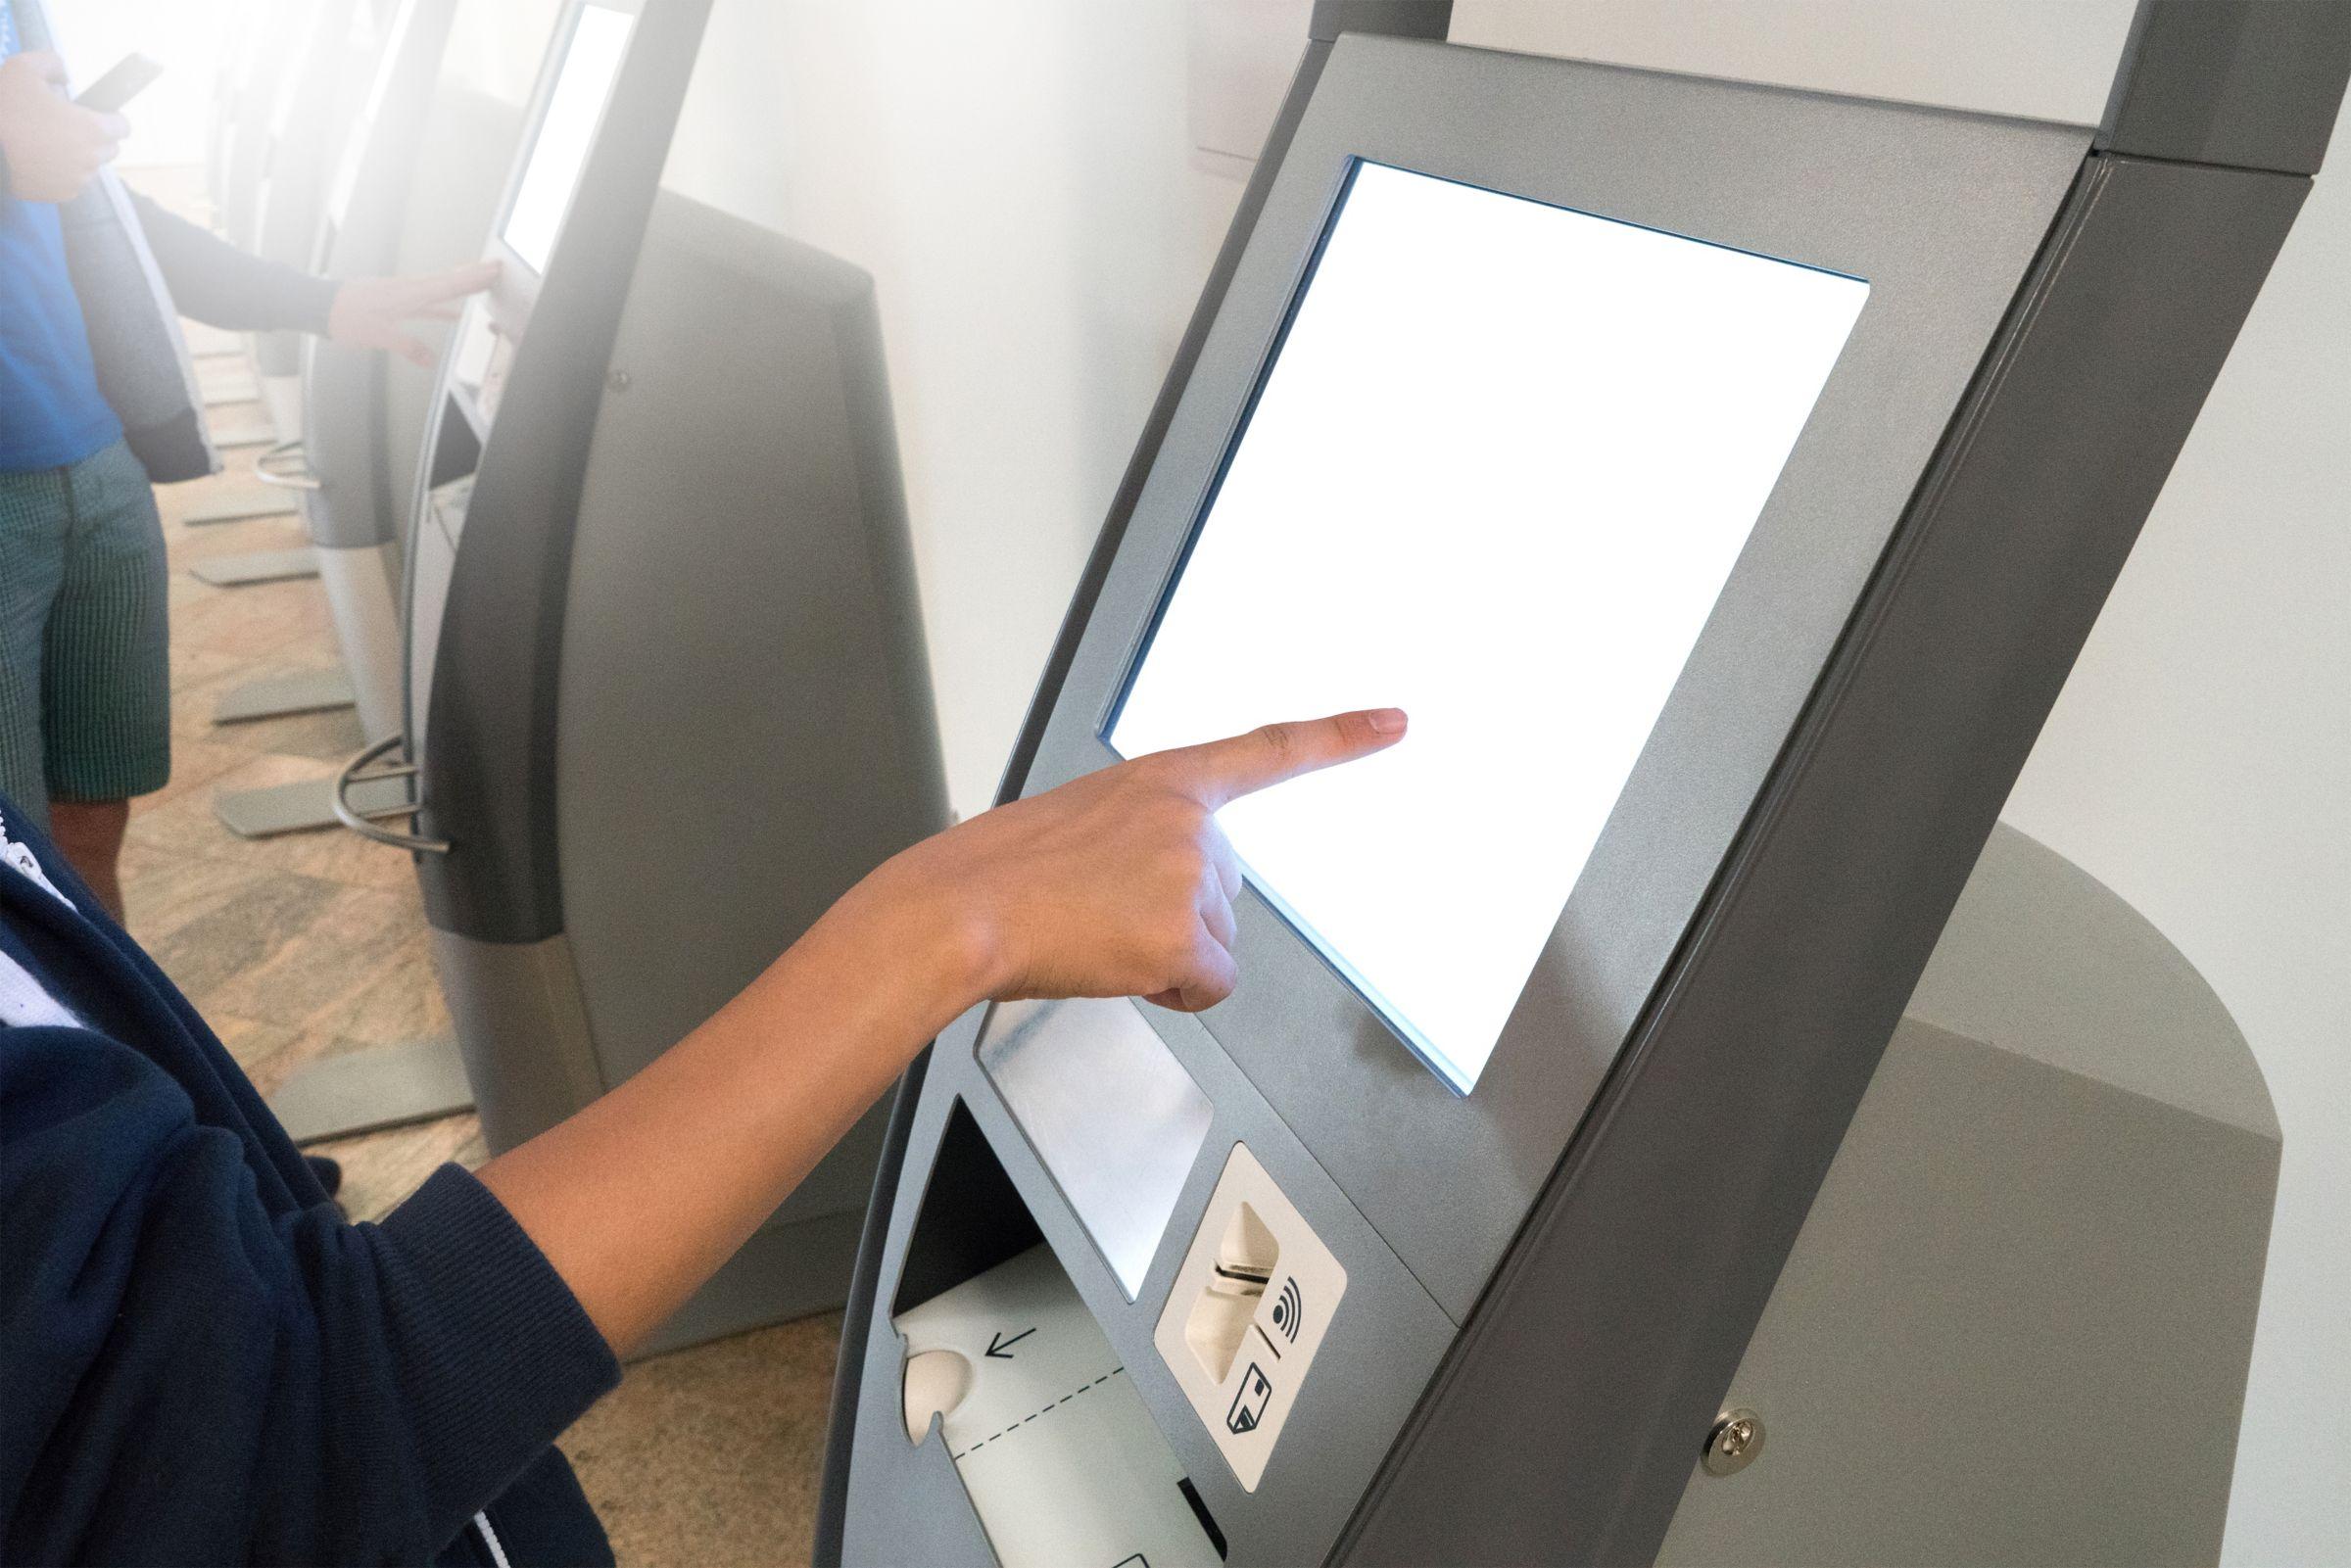 touching a screen